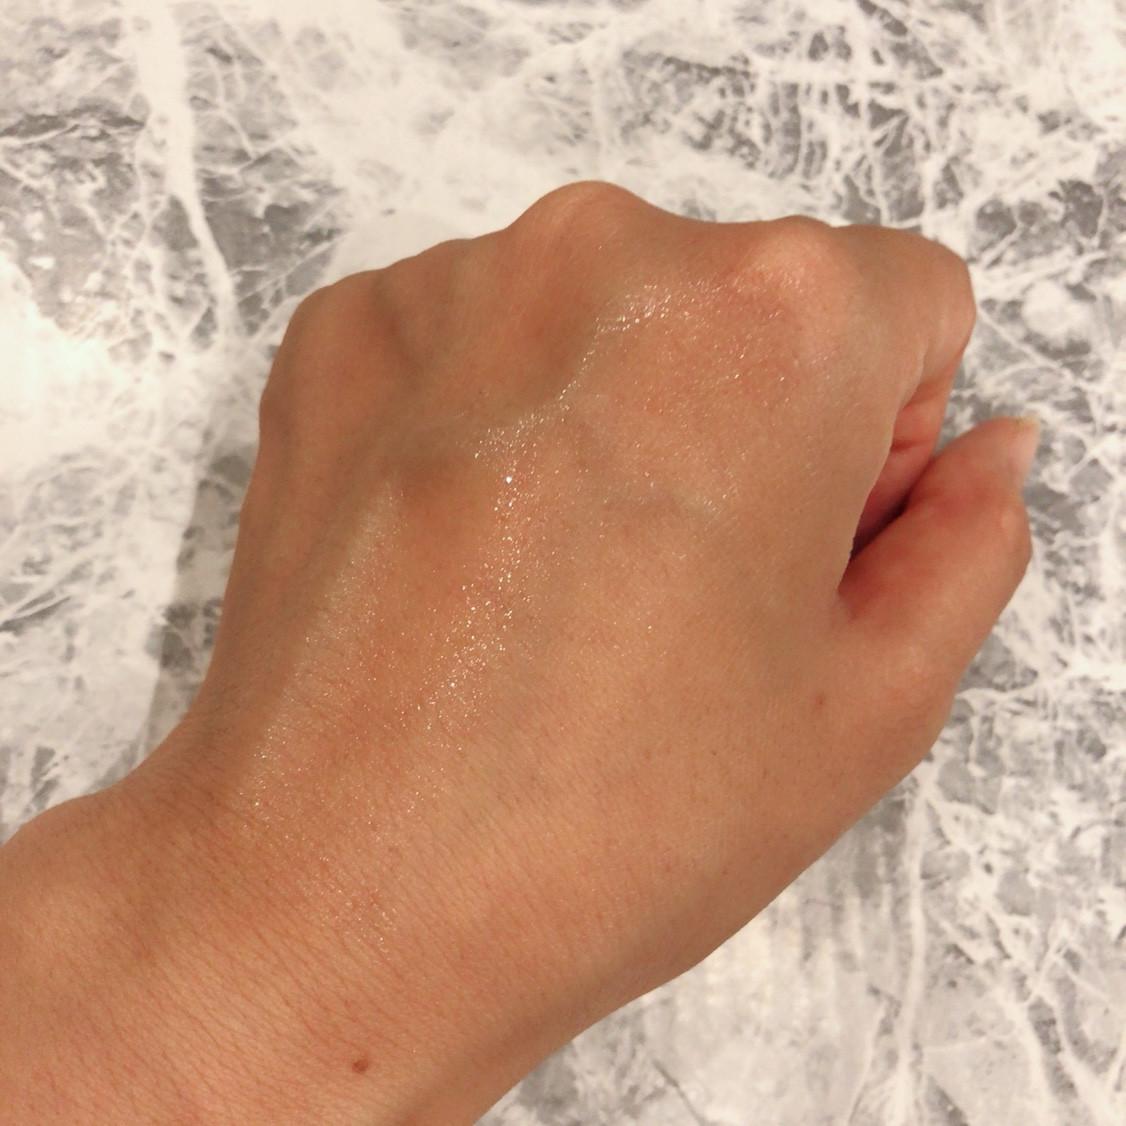 アサヒ研究所  素肌しずく ビタミンC化粧水  ぷるっとしずく化粧水Cの、つけたあとの肌なじみ感。